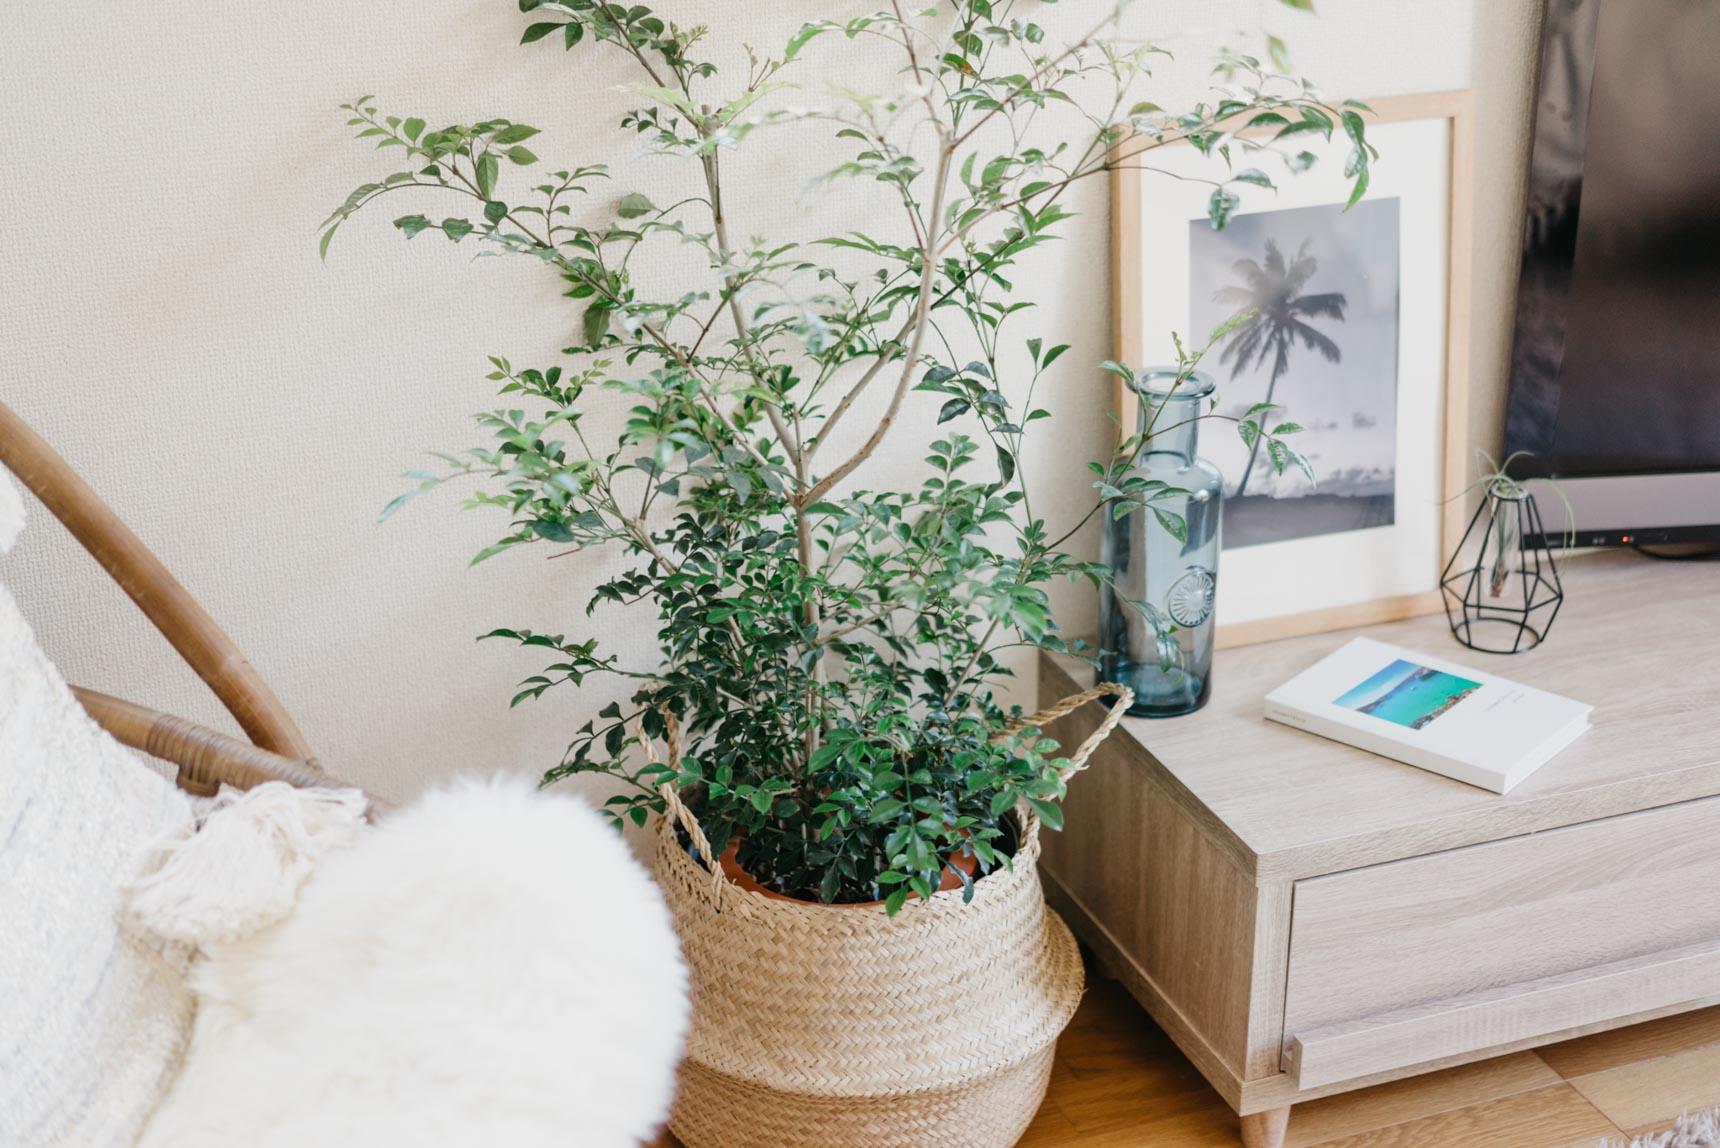 お部屋の随所にも、グリーンが配置されています。これはシマトネリコの木で、お部屋の中でもぐんぐん成長しているそう。